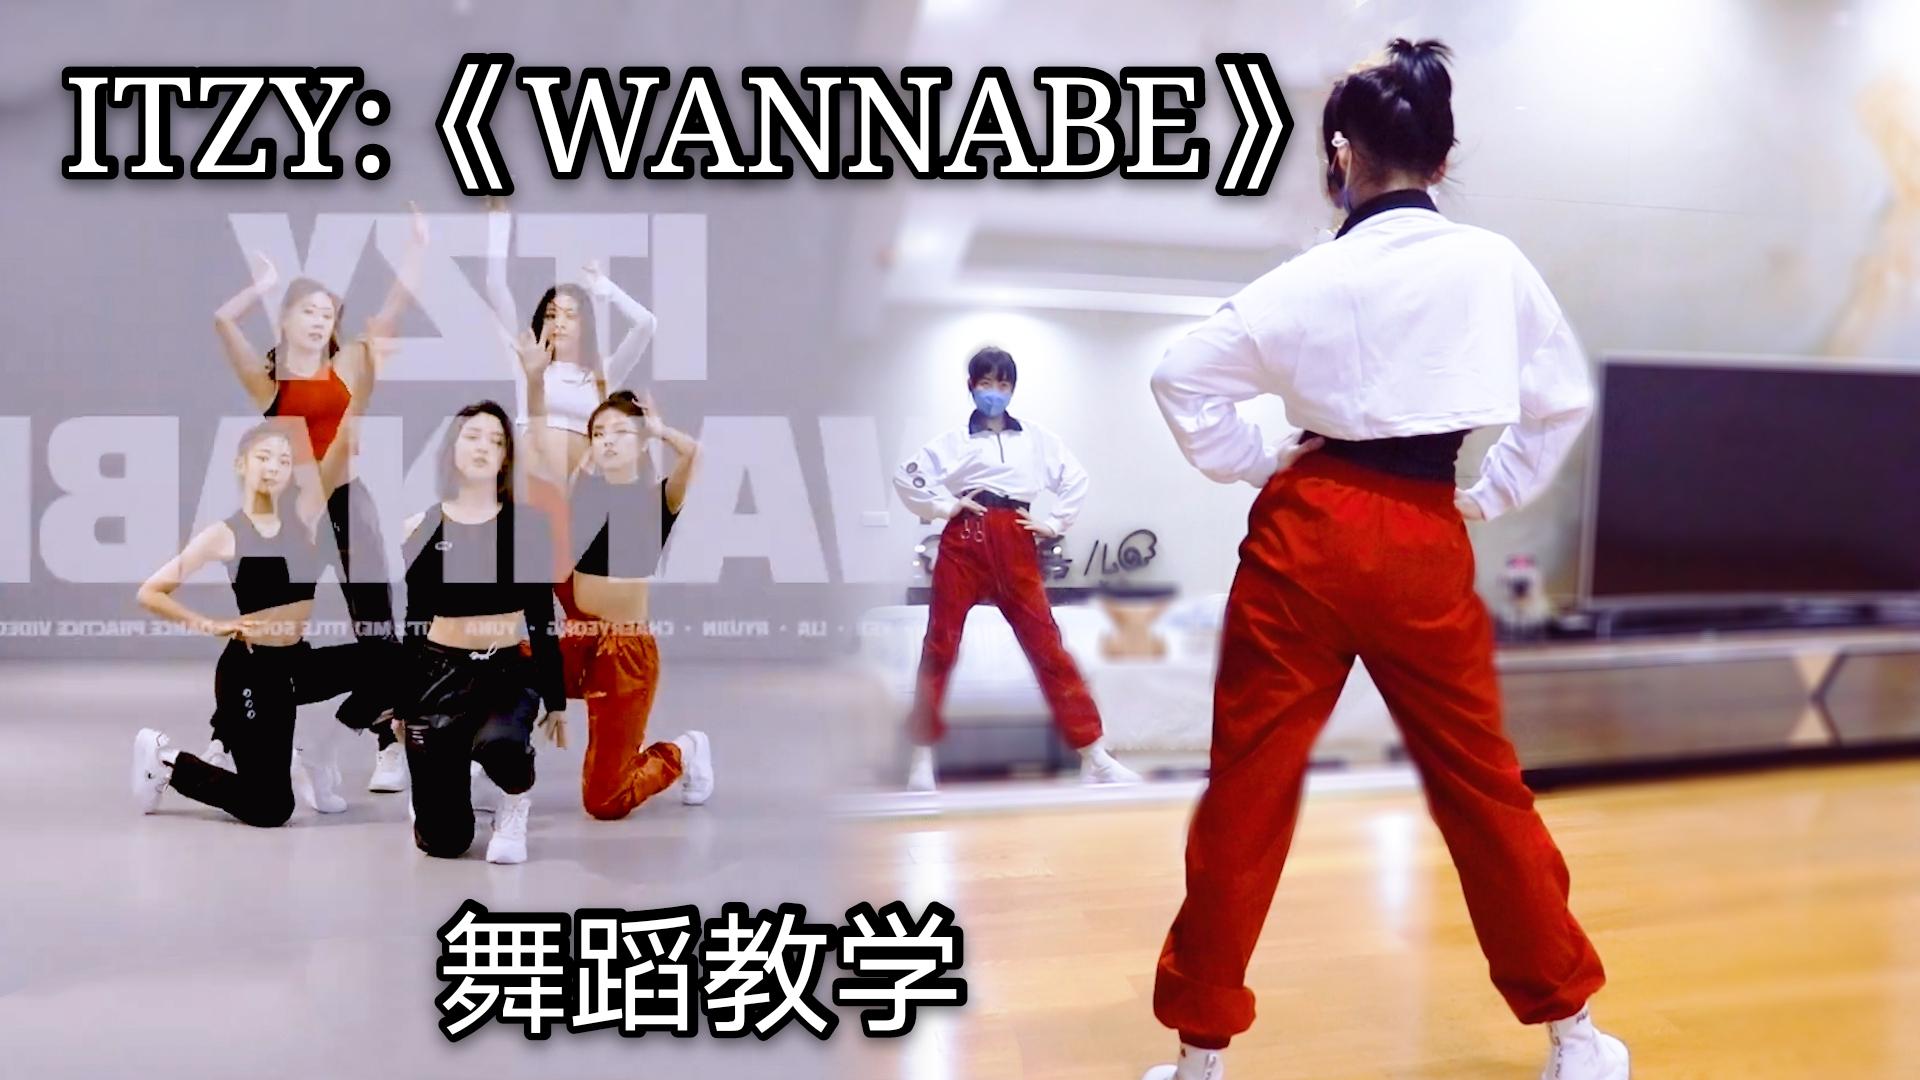 【紫嘉儿】极速燃脂零零后劲舞团【ITZY】《WANNABE》舞蹈分解教学